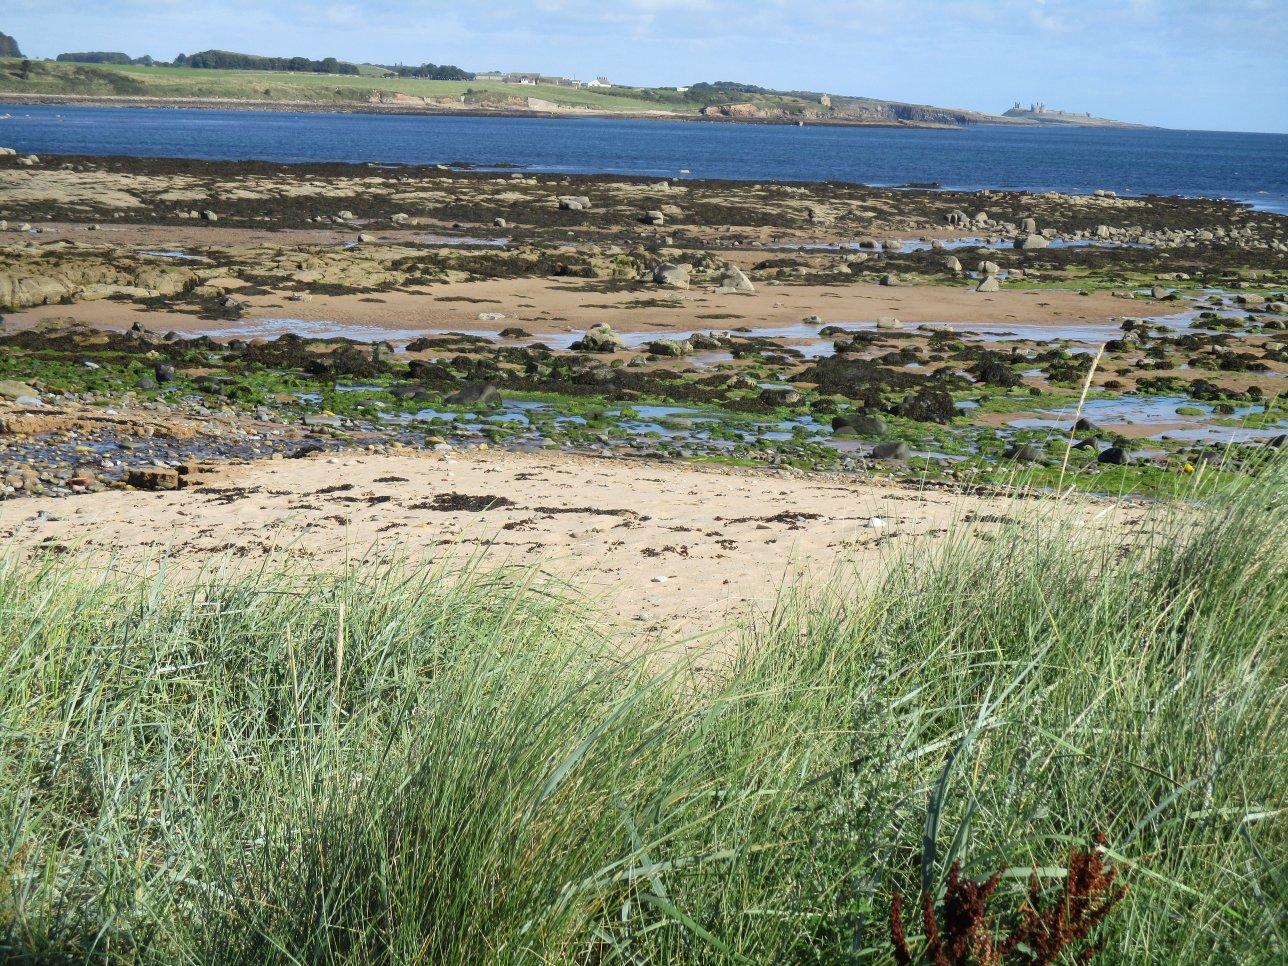 Looking North across Howdiemont Bay towards Dunstanburgh Castrle